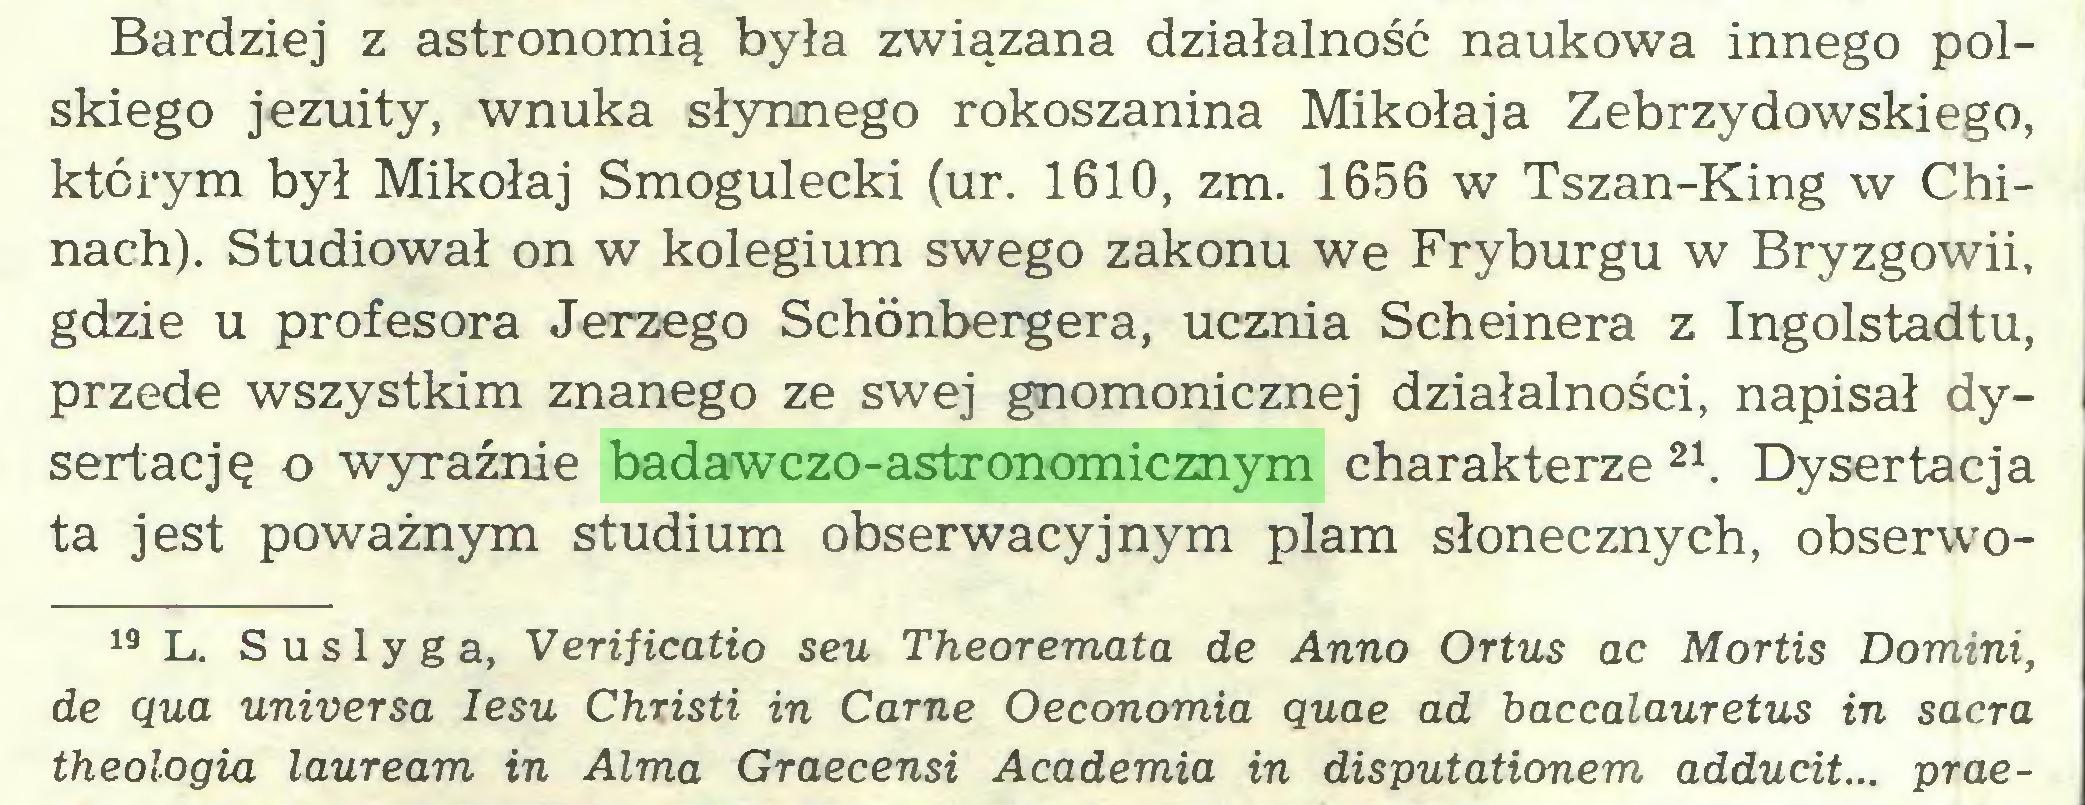 (...) Bardziej z astronomią była związana działalność naukowa innego polskiego jezuity, wnuka słynnego rokoszanina Mikołaja Zebrzydowskiego, którym był Mikołaj Smogulecki (ur. 1610, zm. 1656 w Tszan-King w Chinach). Studiował on w kolegium swego zakonu we Fryburgu w Bryzgowii, gdzie u profesora Jerzego Schónbergera, ucznia Scheinera z Ingolstadtu, przede wszystkim znanego ze swej gnomonicznej działalności, napisał dysertację o wyraźnie badawczo-astronomicznym charakterze 21. Dysertacja ta jest poważnym studium obserwacyjnym plam słonecznych, obserwo19 L. Suslyga, Verificatio seu Theoremata de Anno Ortus ac Mortis Domini, de qua uniuersa lesu Christi in Carne Oeconomia quae ad baccalauretus in sacra theologia lauream in Alma Graecensi Academia in disputationem adducit... prae...